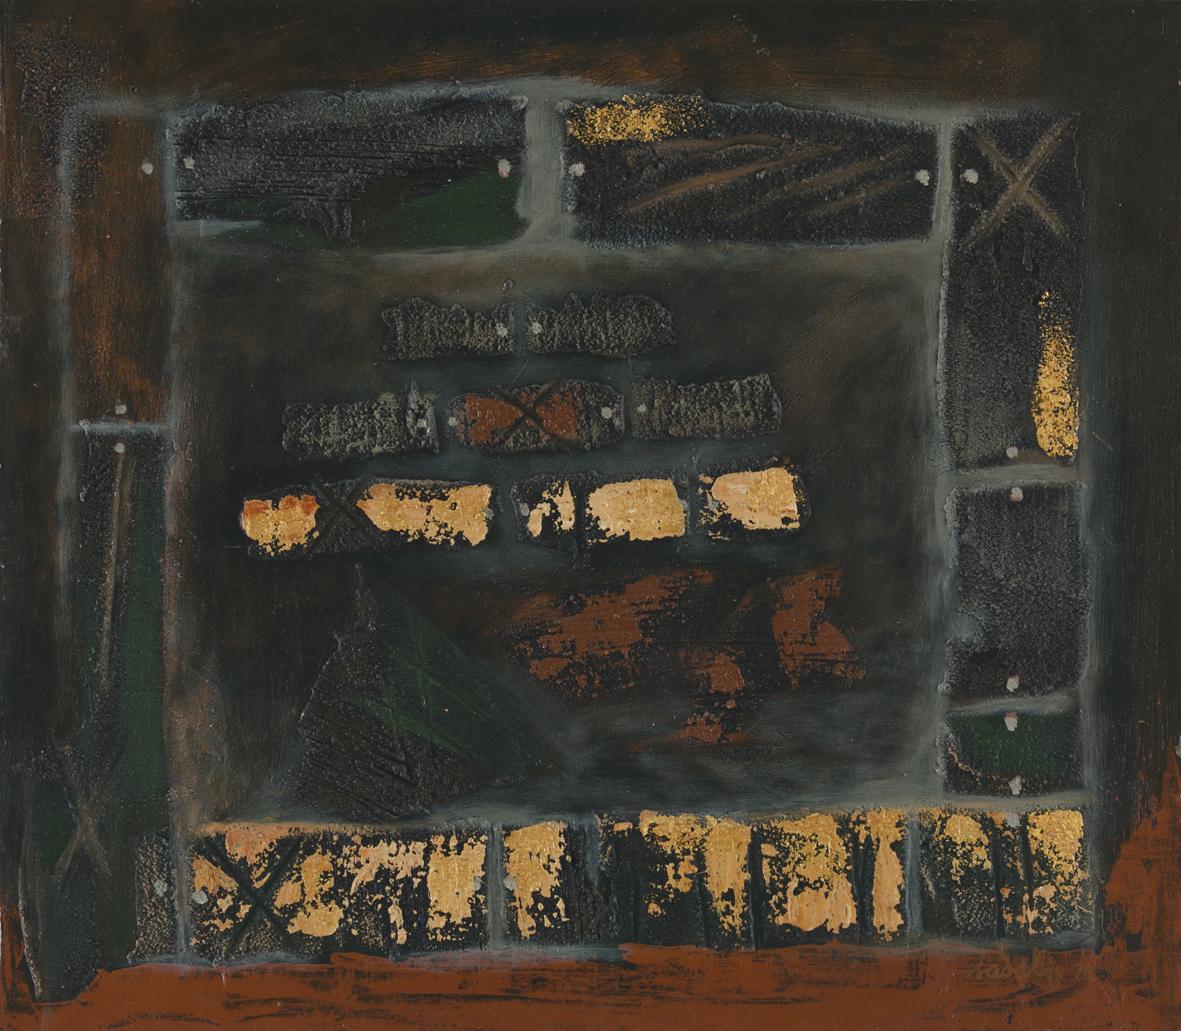 Ahmad Sadali, Untitled, 1974, 38.5 x 44 cm